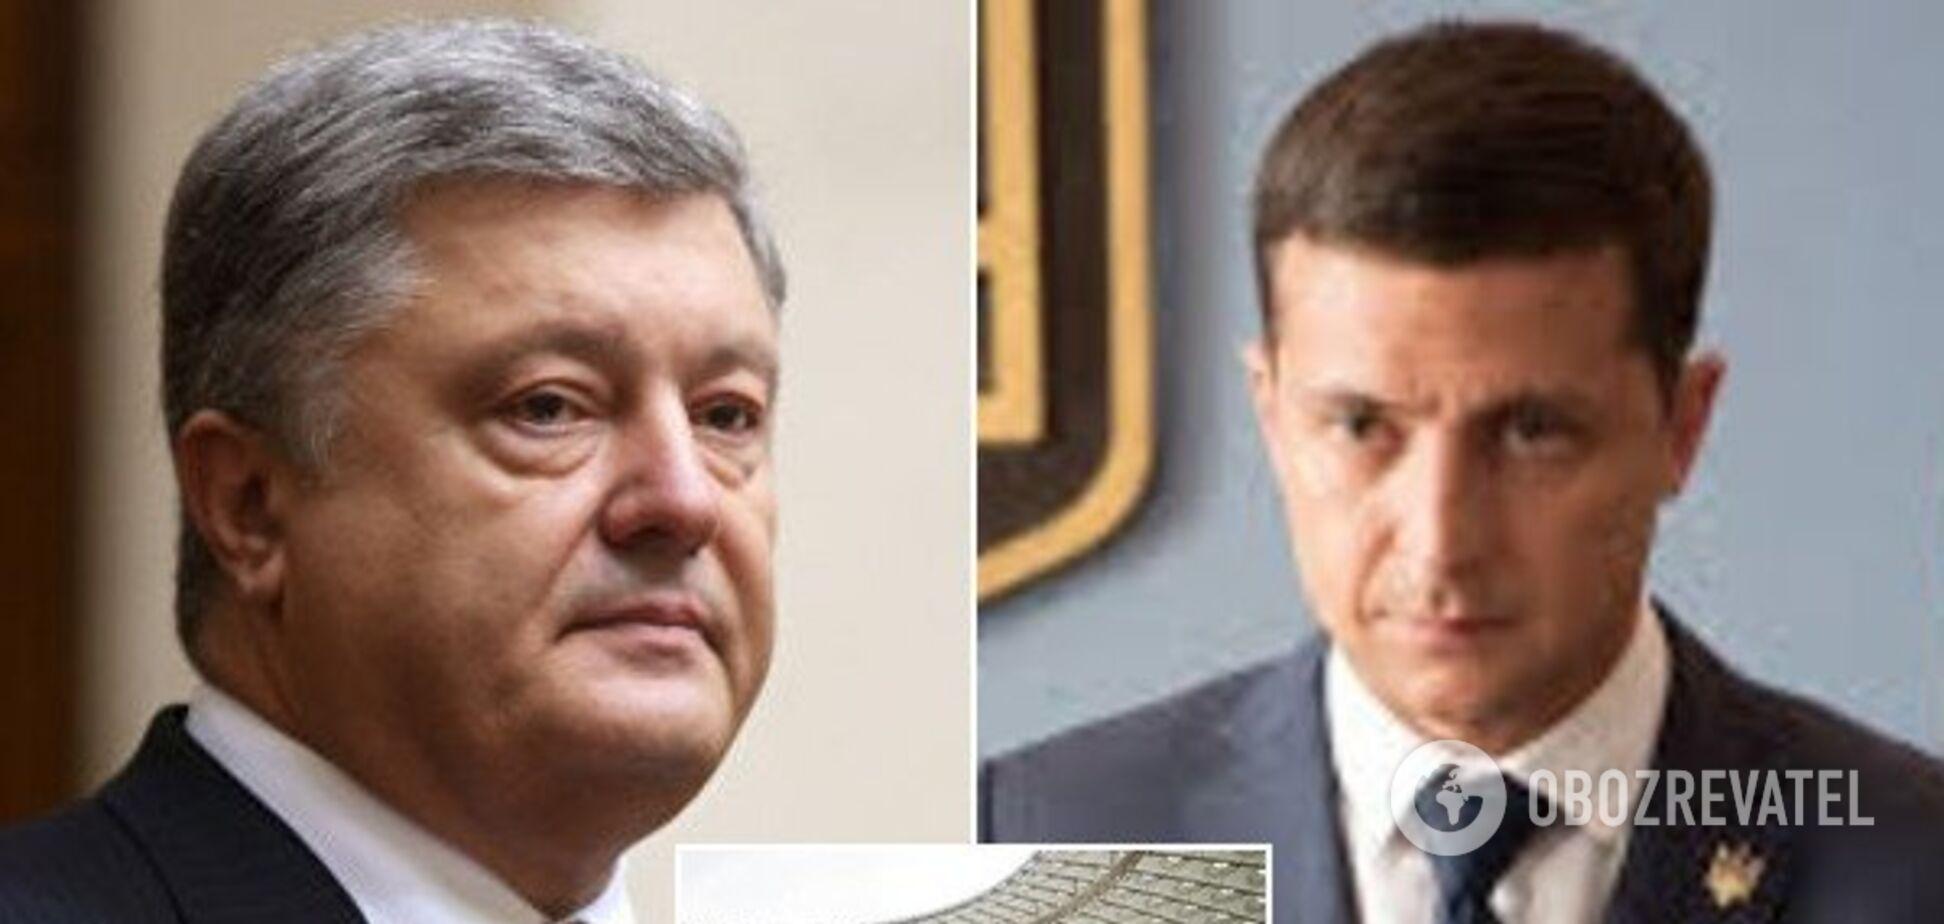 Из-за 'Динамо' - 'Шахтер': стало известно про изменение в дебатах Порошенко и Зеленского